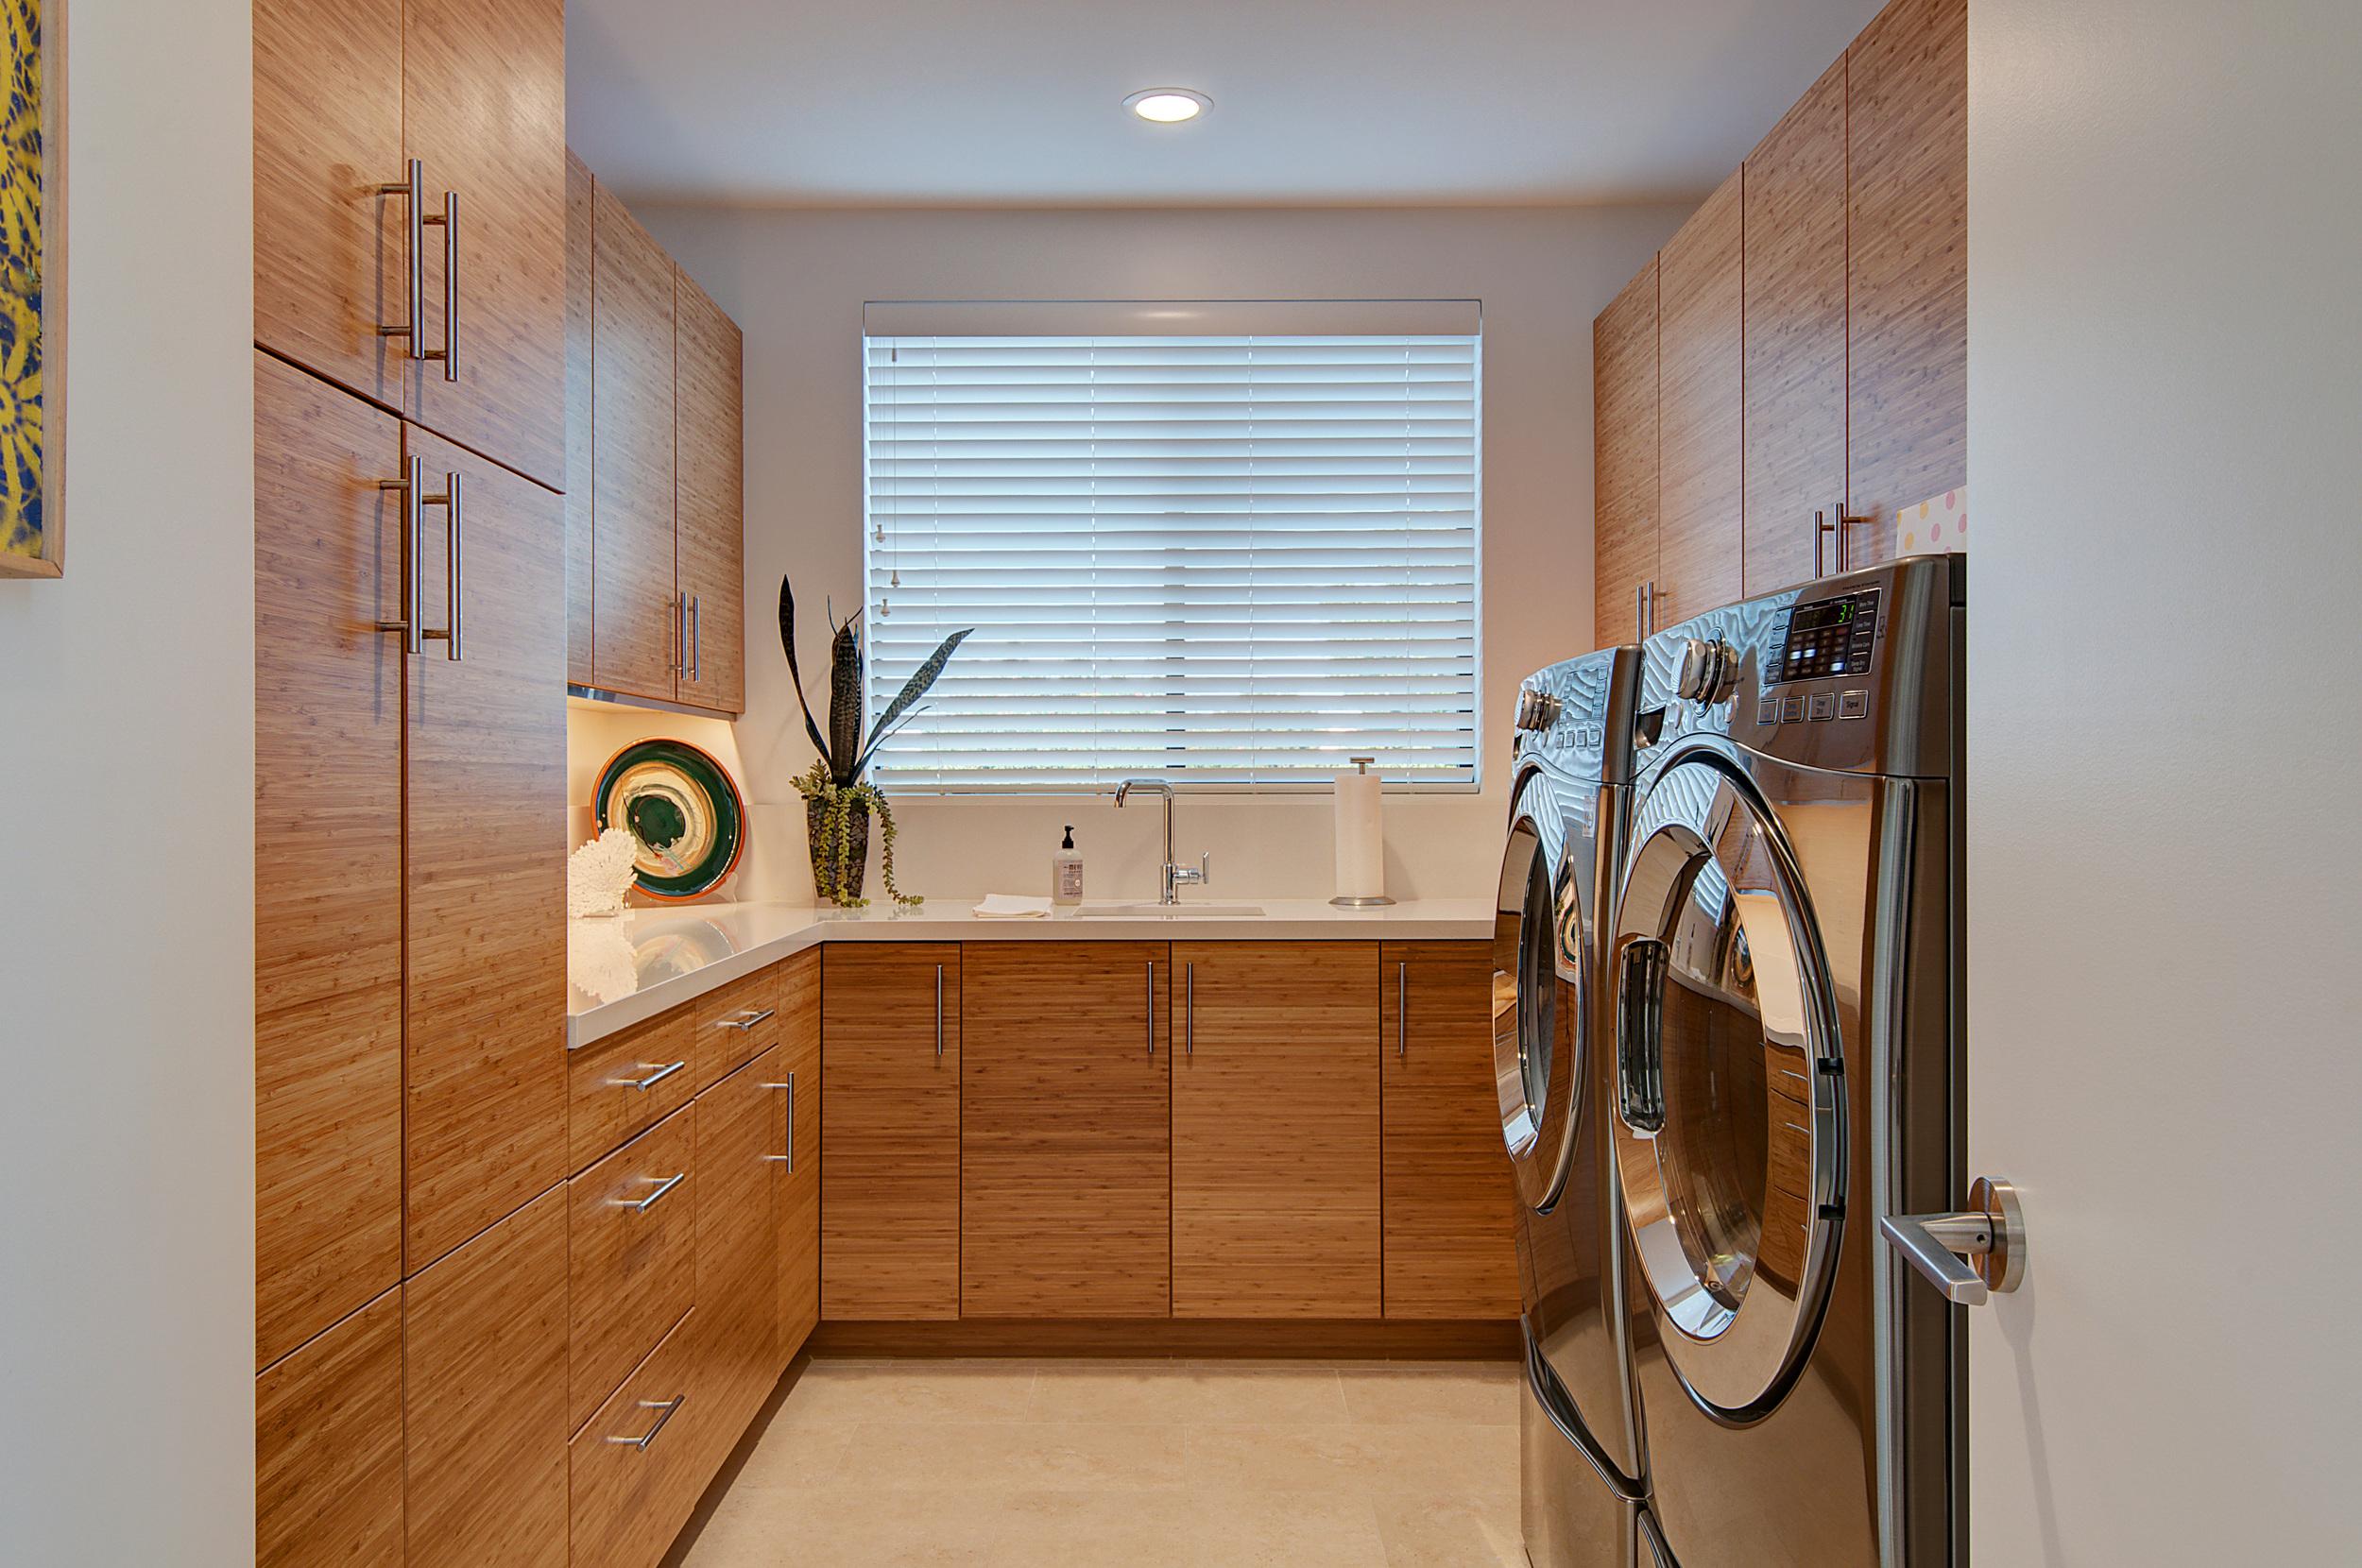 LR_Laundry Room.jpg